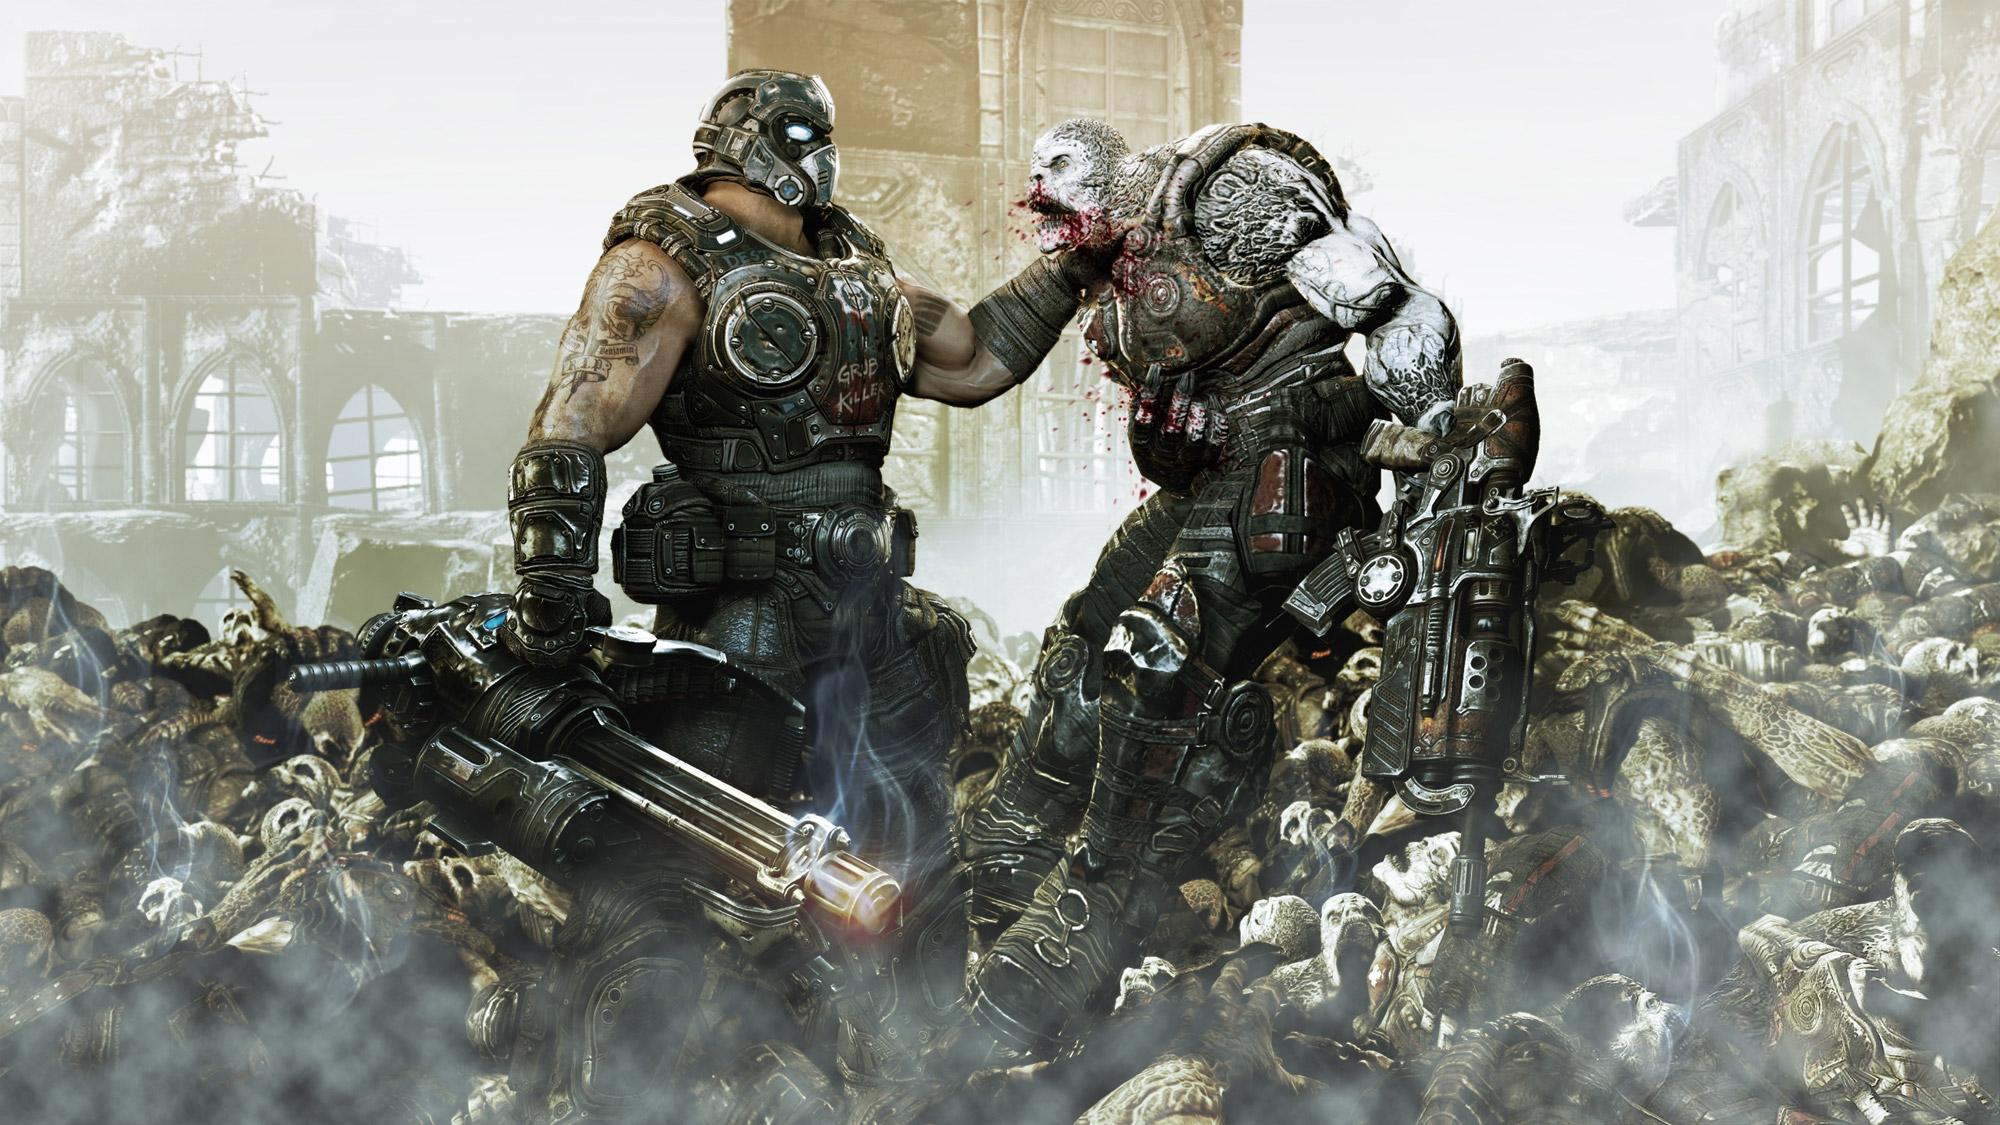 Microsoft agarra a marca Gears of War com unhas e dentes